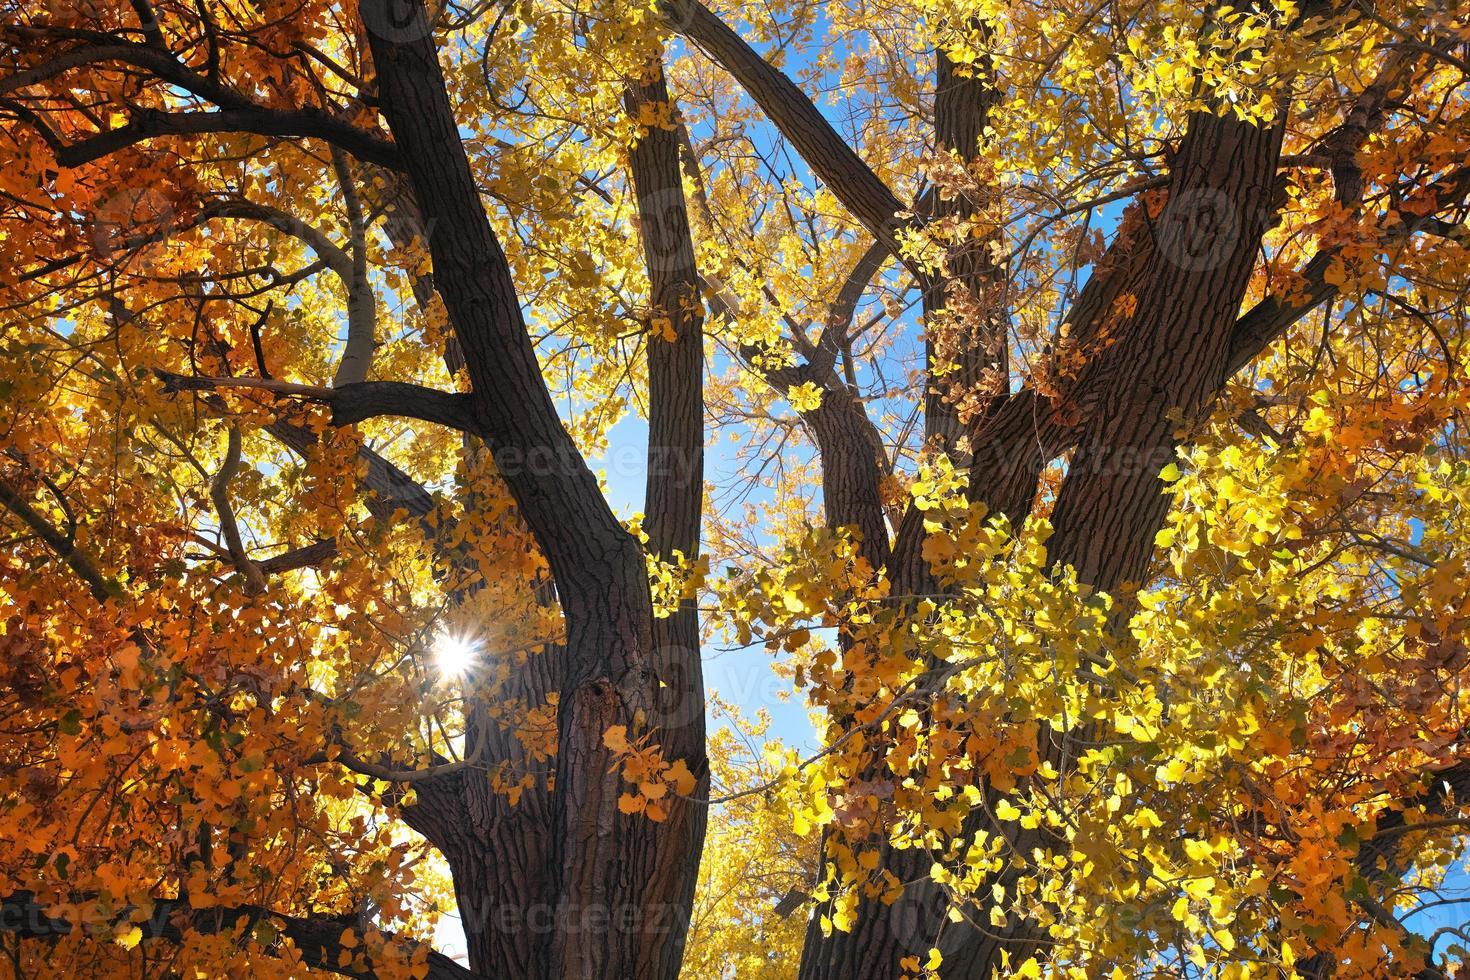 Herbst herrlich foto